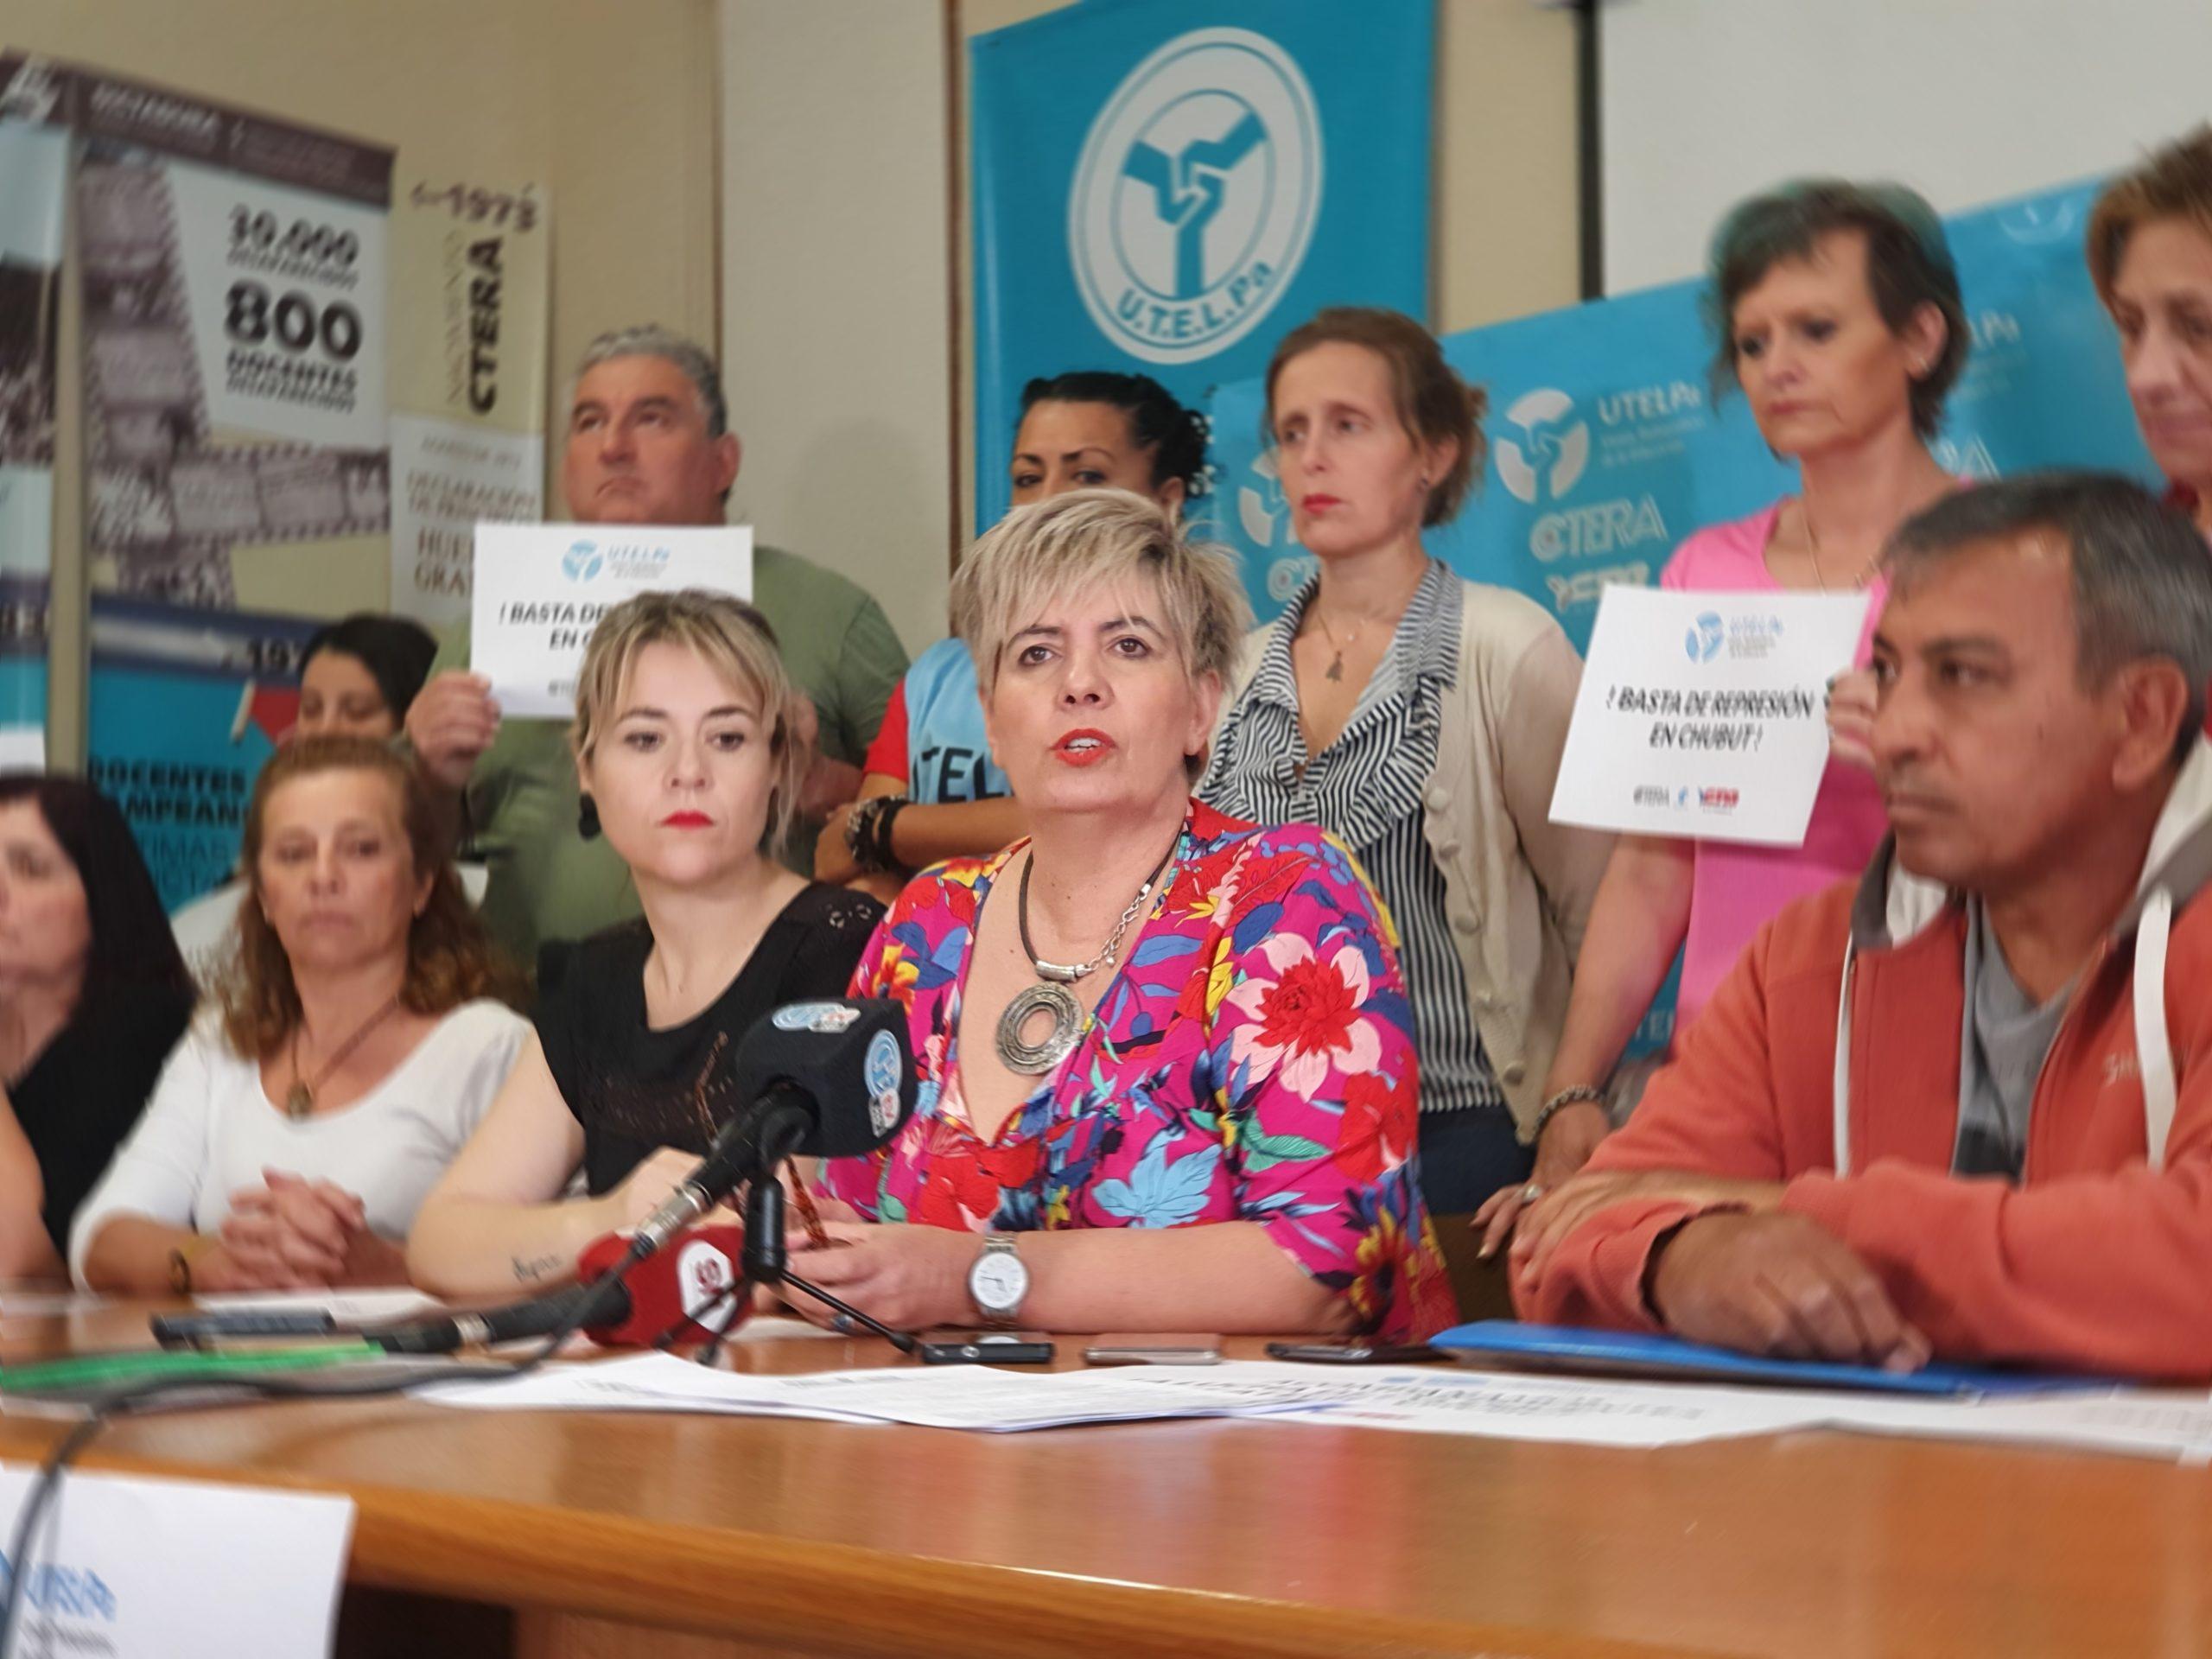 """Utelpa:  """"Hay docentes que van enfermos a trabajar y el ministro Franco tergiversa estadísticas para ajustar en educación"""""""